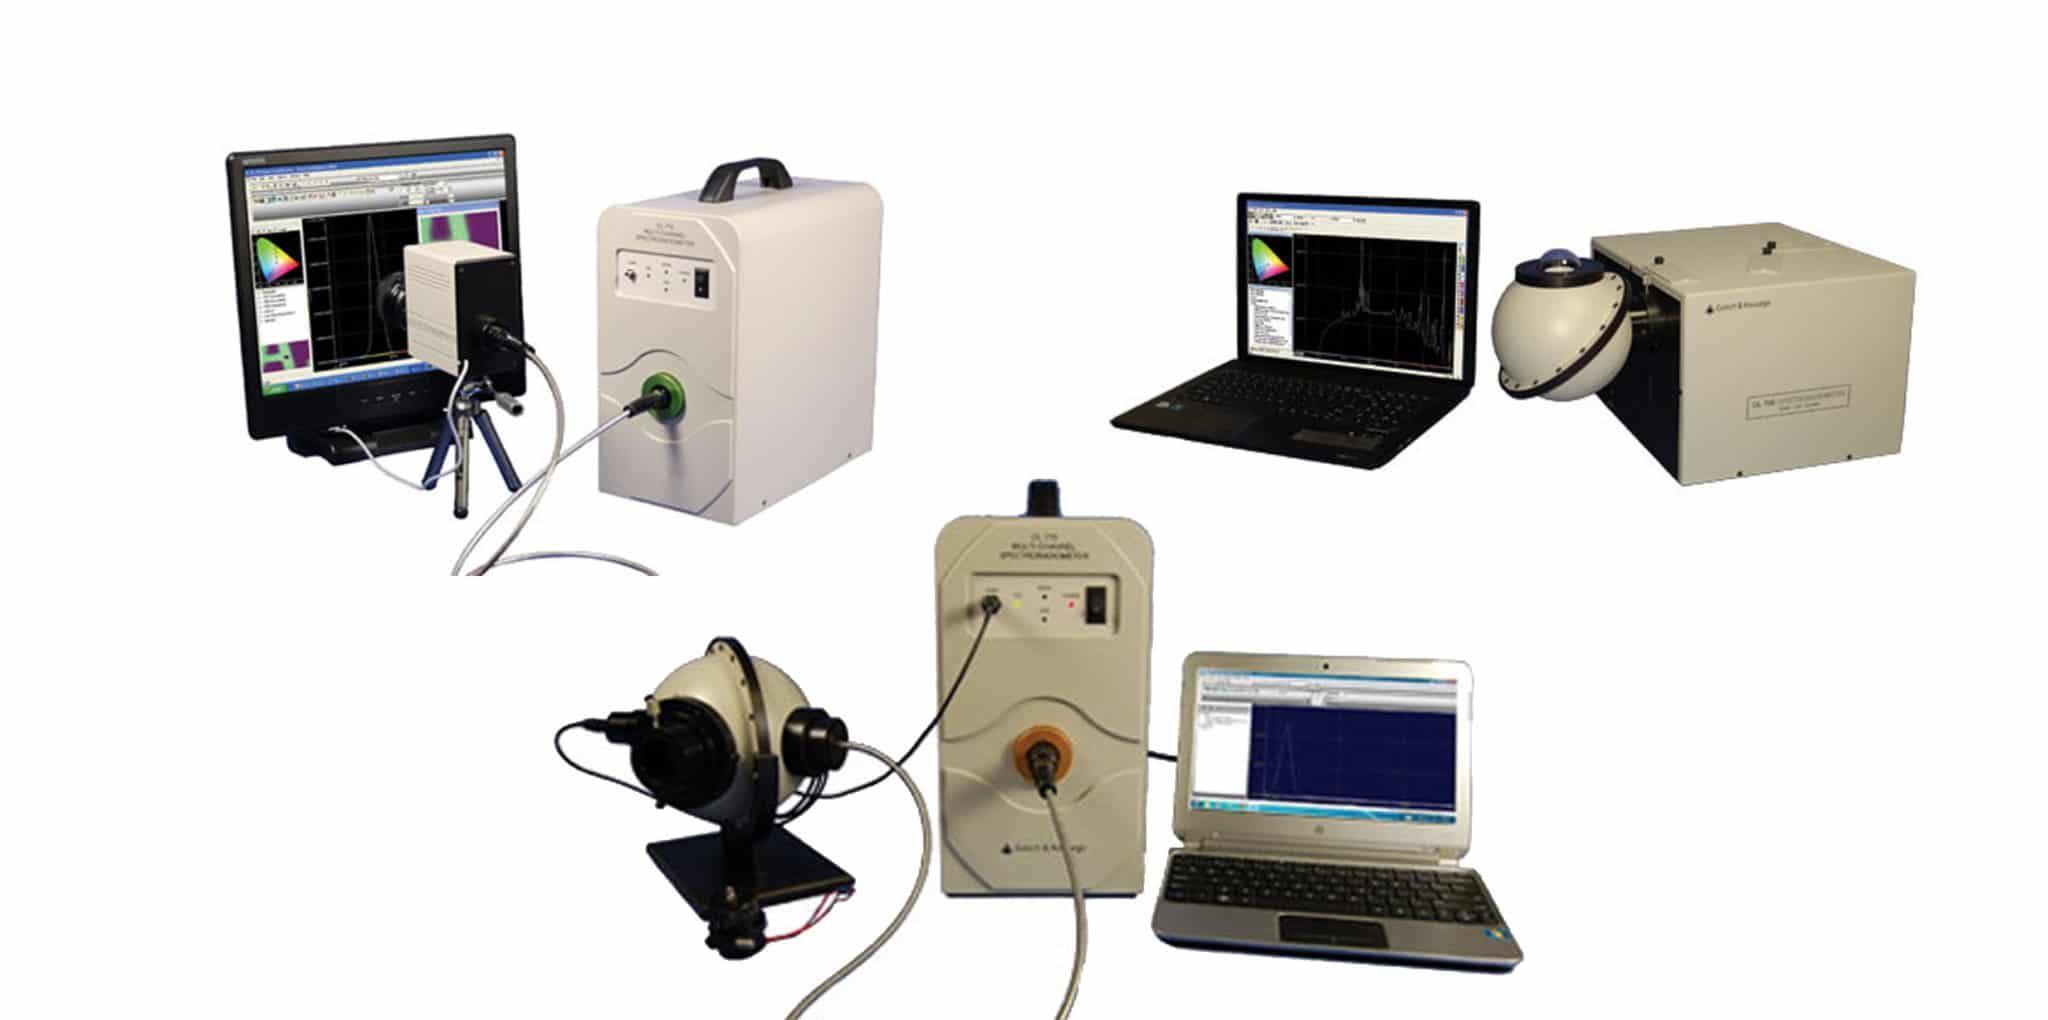 Spectroradiometres-optronic-laboratories